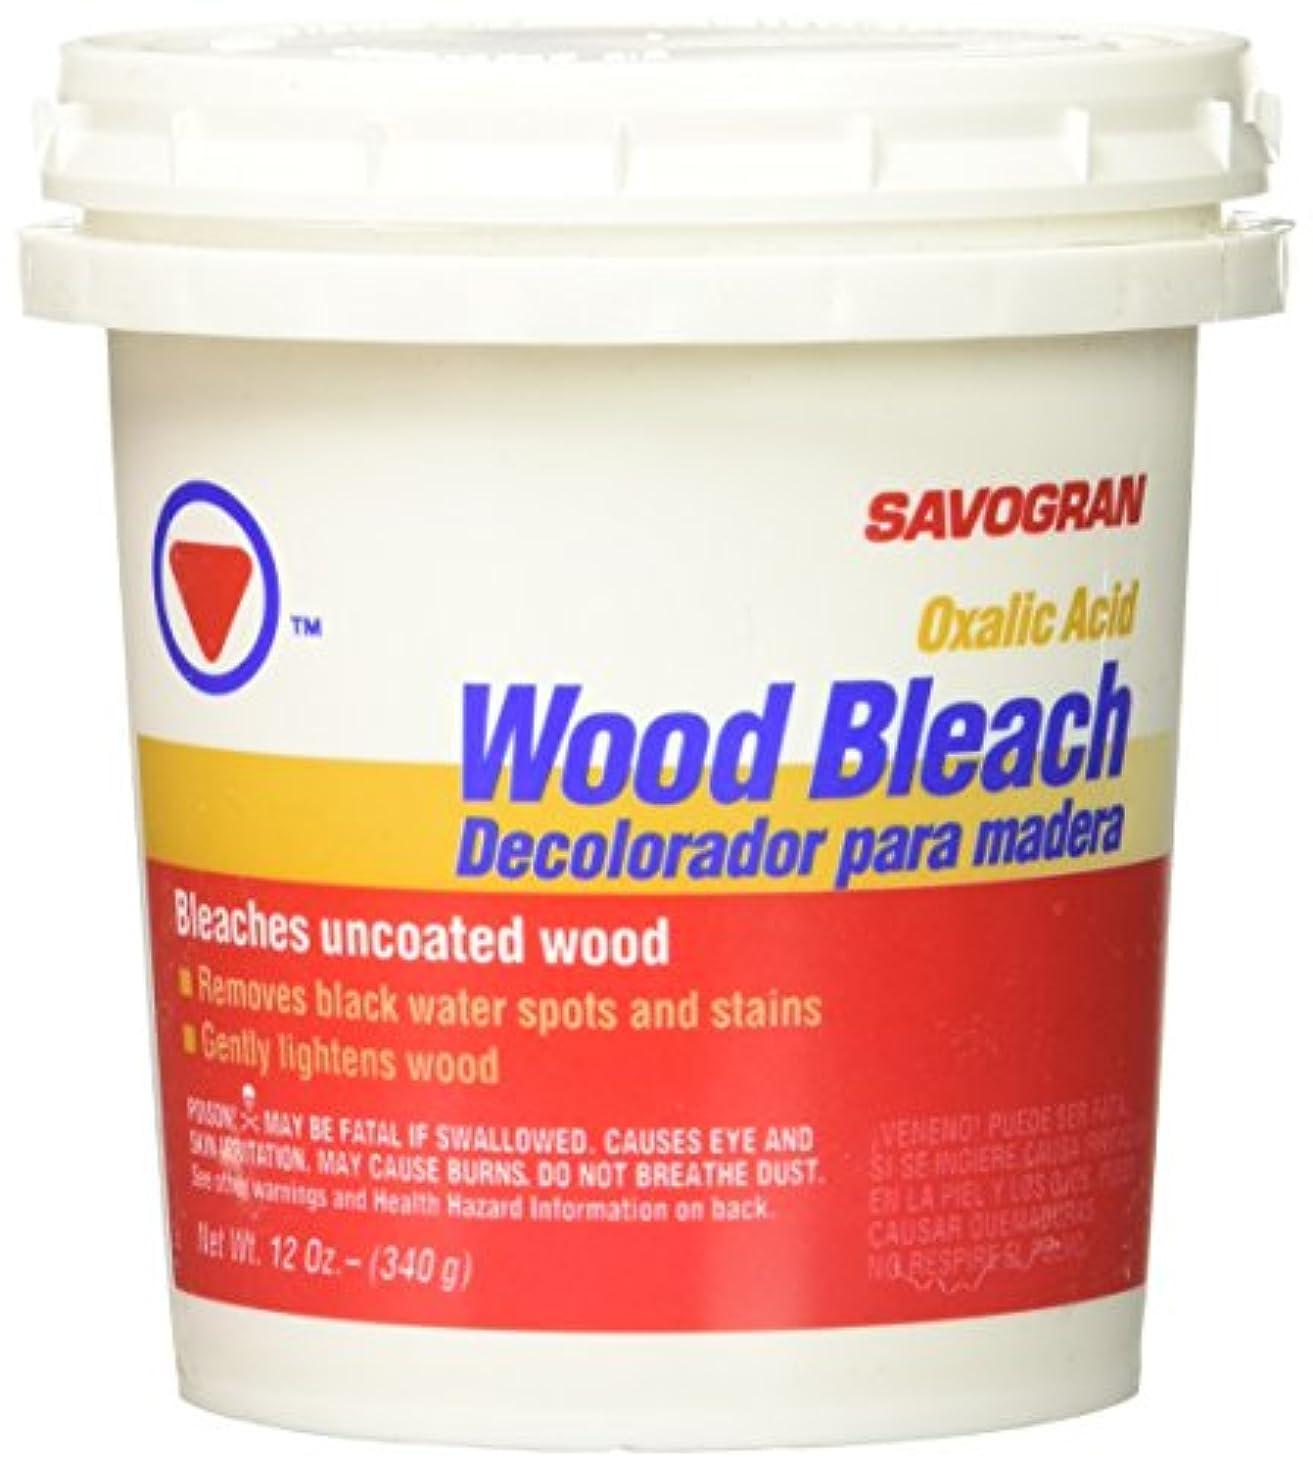 タヒチ良心的一方、Savogran 10501木製漂白剤、12oz。 12 oz 10501 1